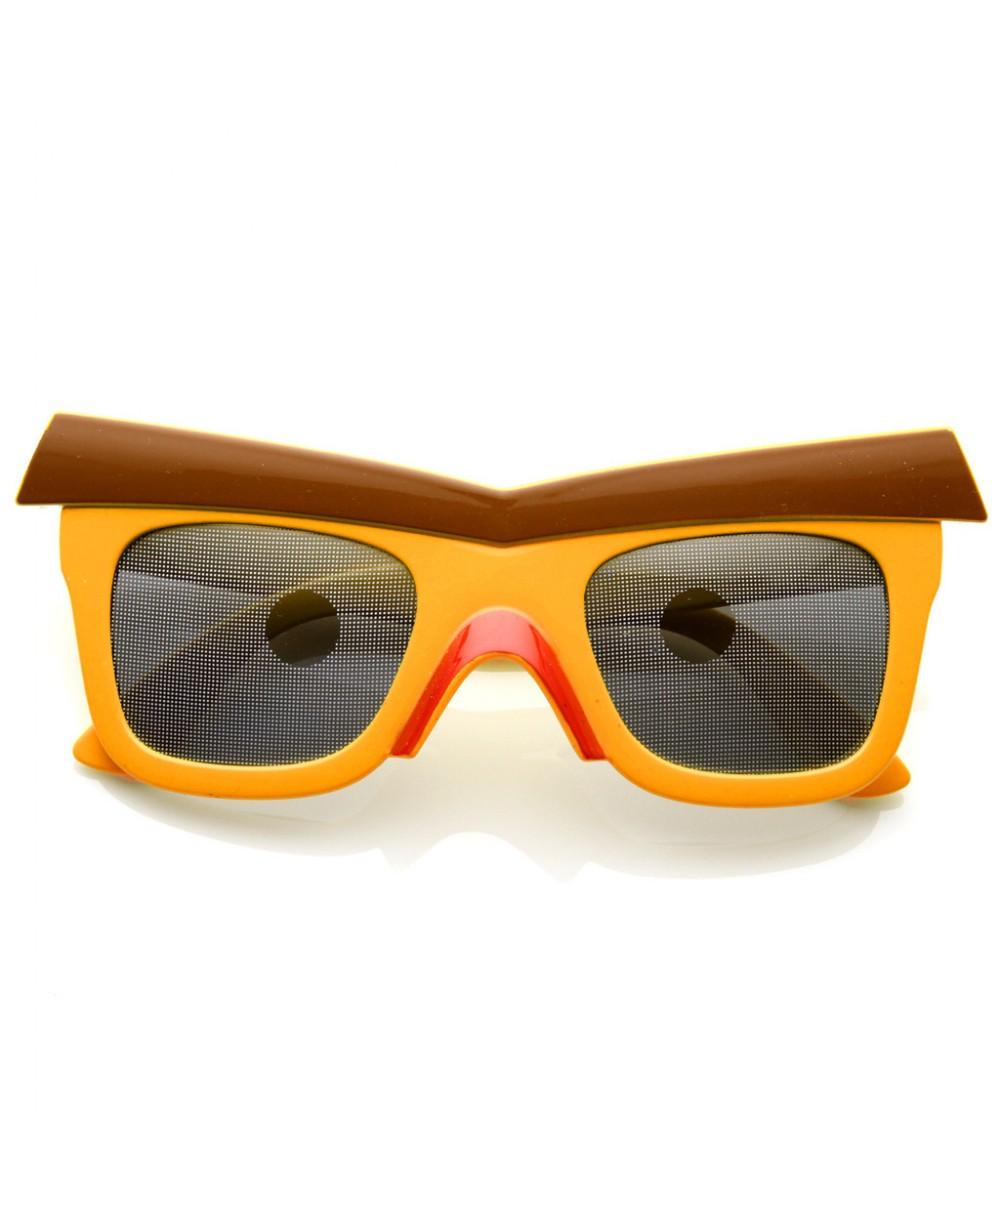 Beak-Sunglasses3 12 Unusual Sunglasses trends in 2020